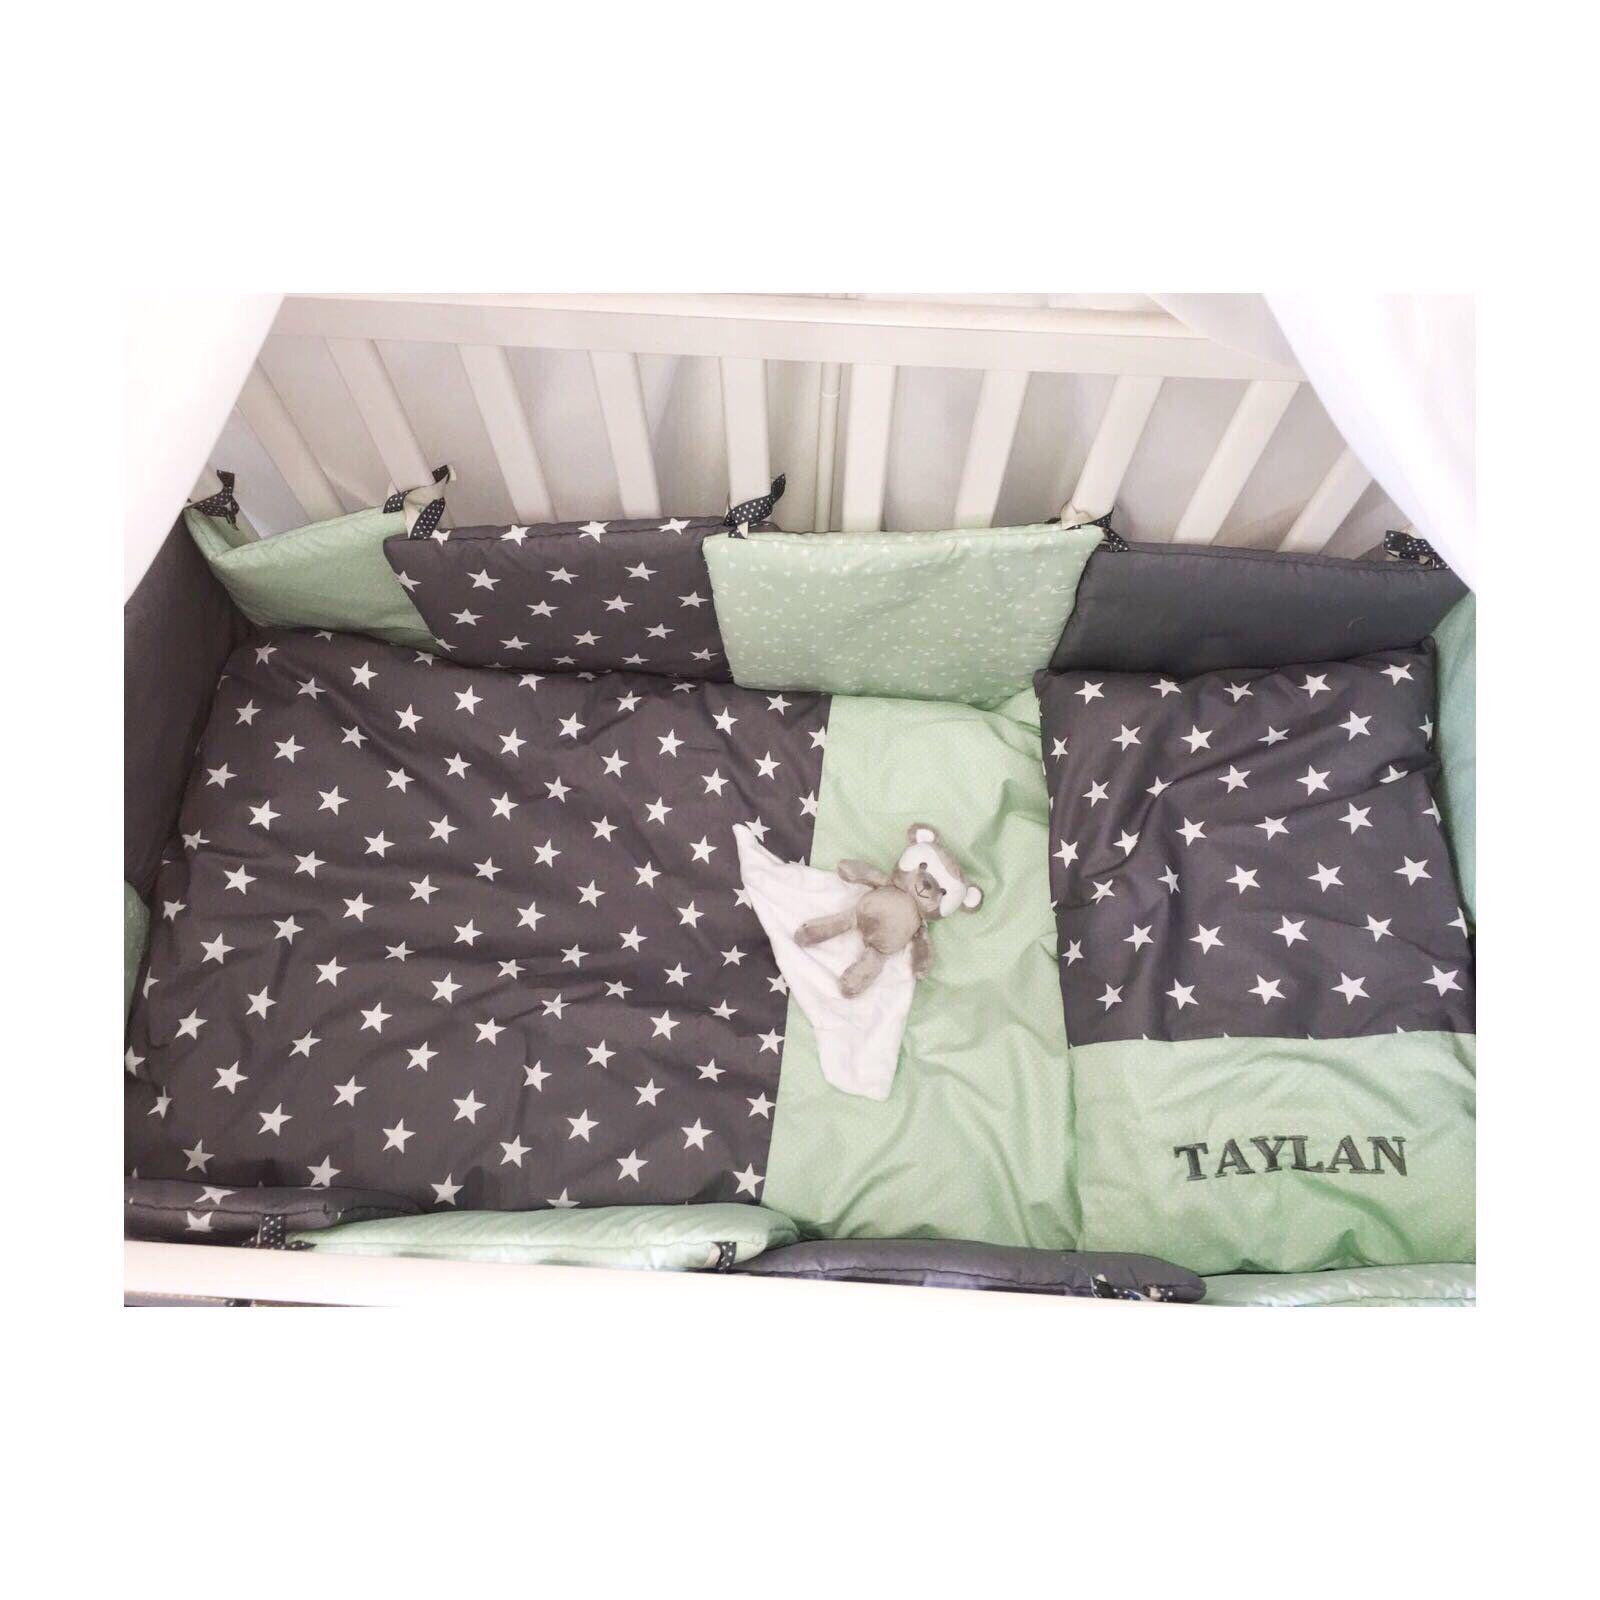 Babybettwäsche Mit Namen Baby Kleidung Toddler Bed Bed Und Baby